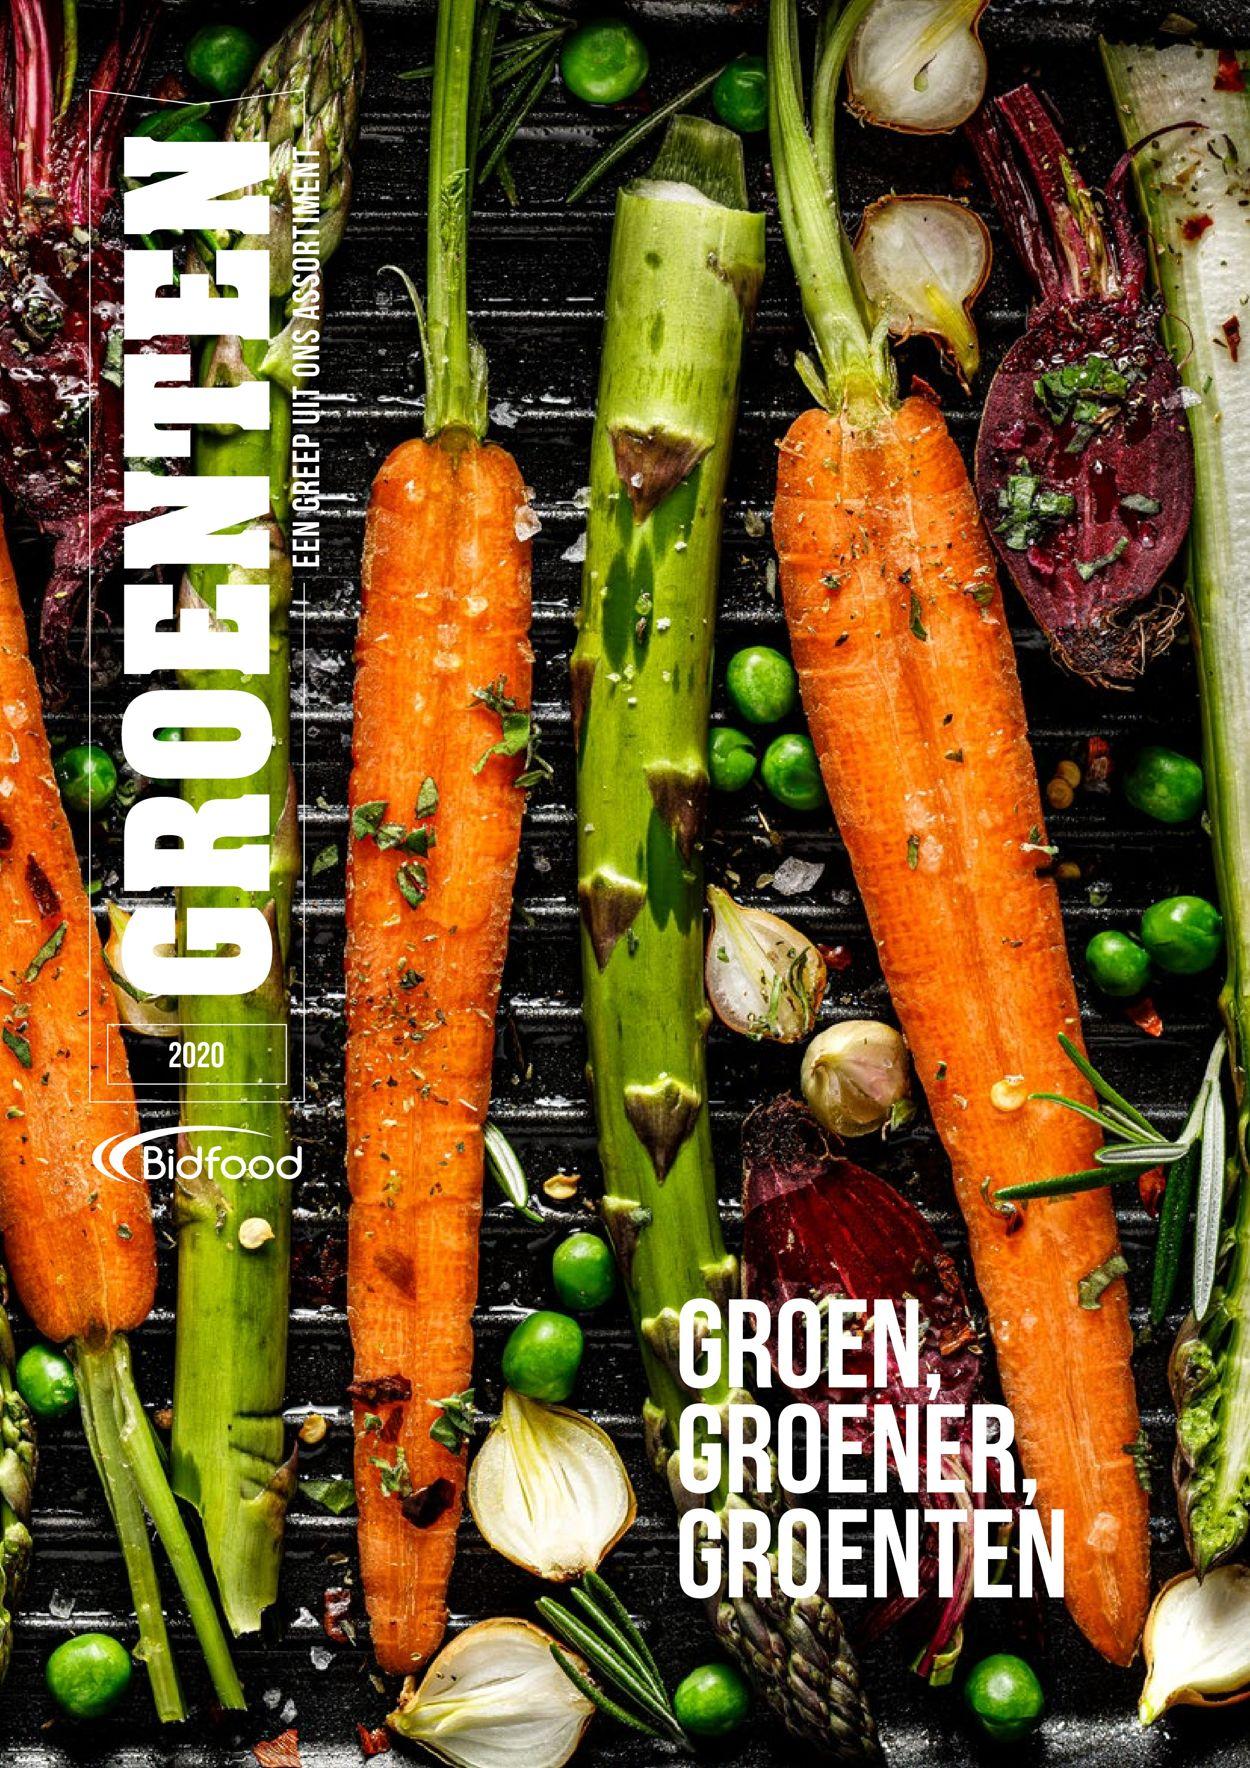 Catalogus van Bidfood van 29.05.2020